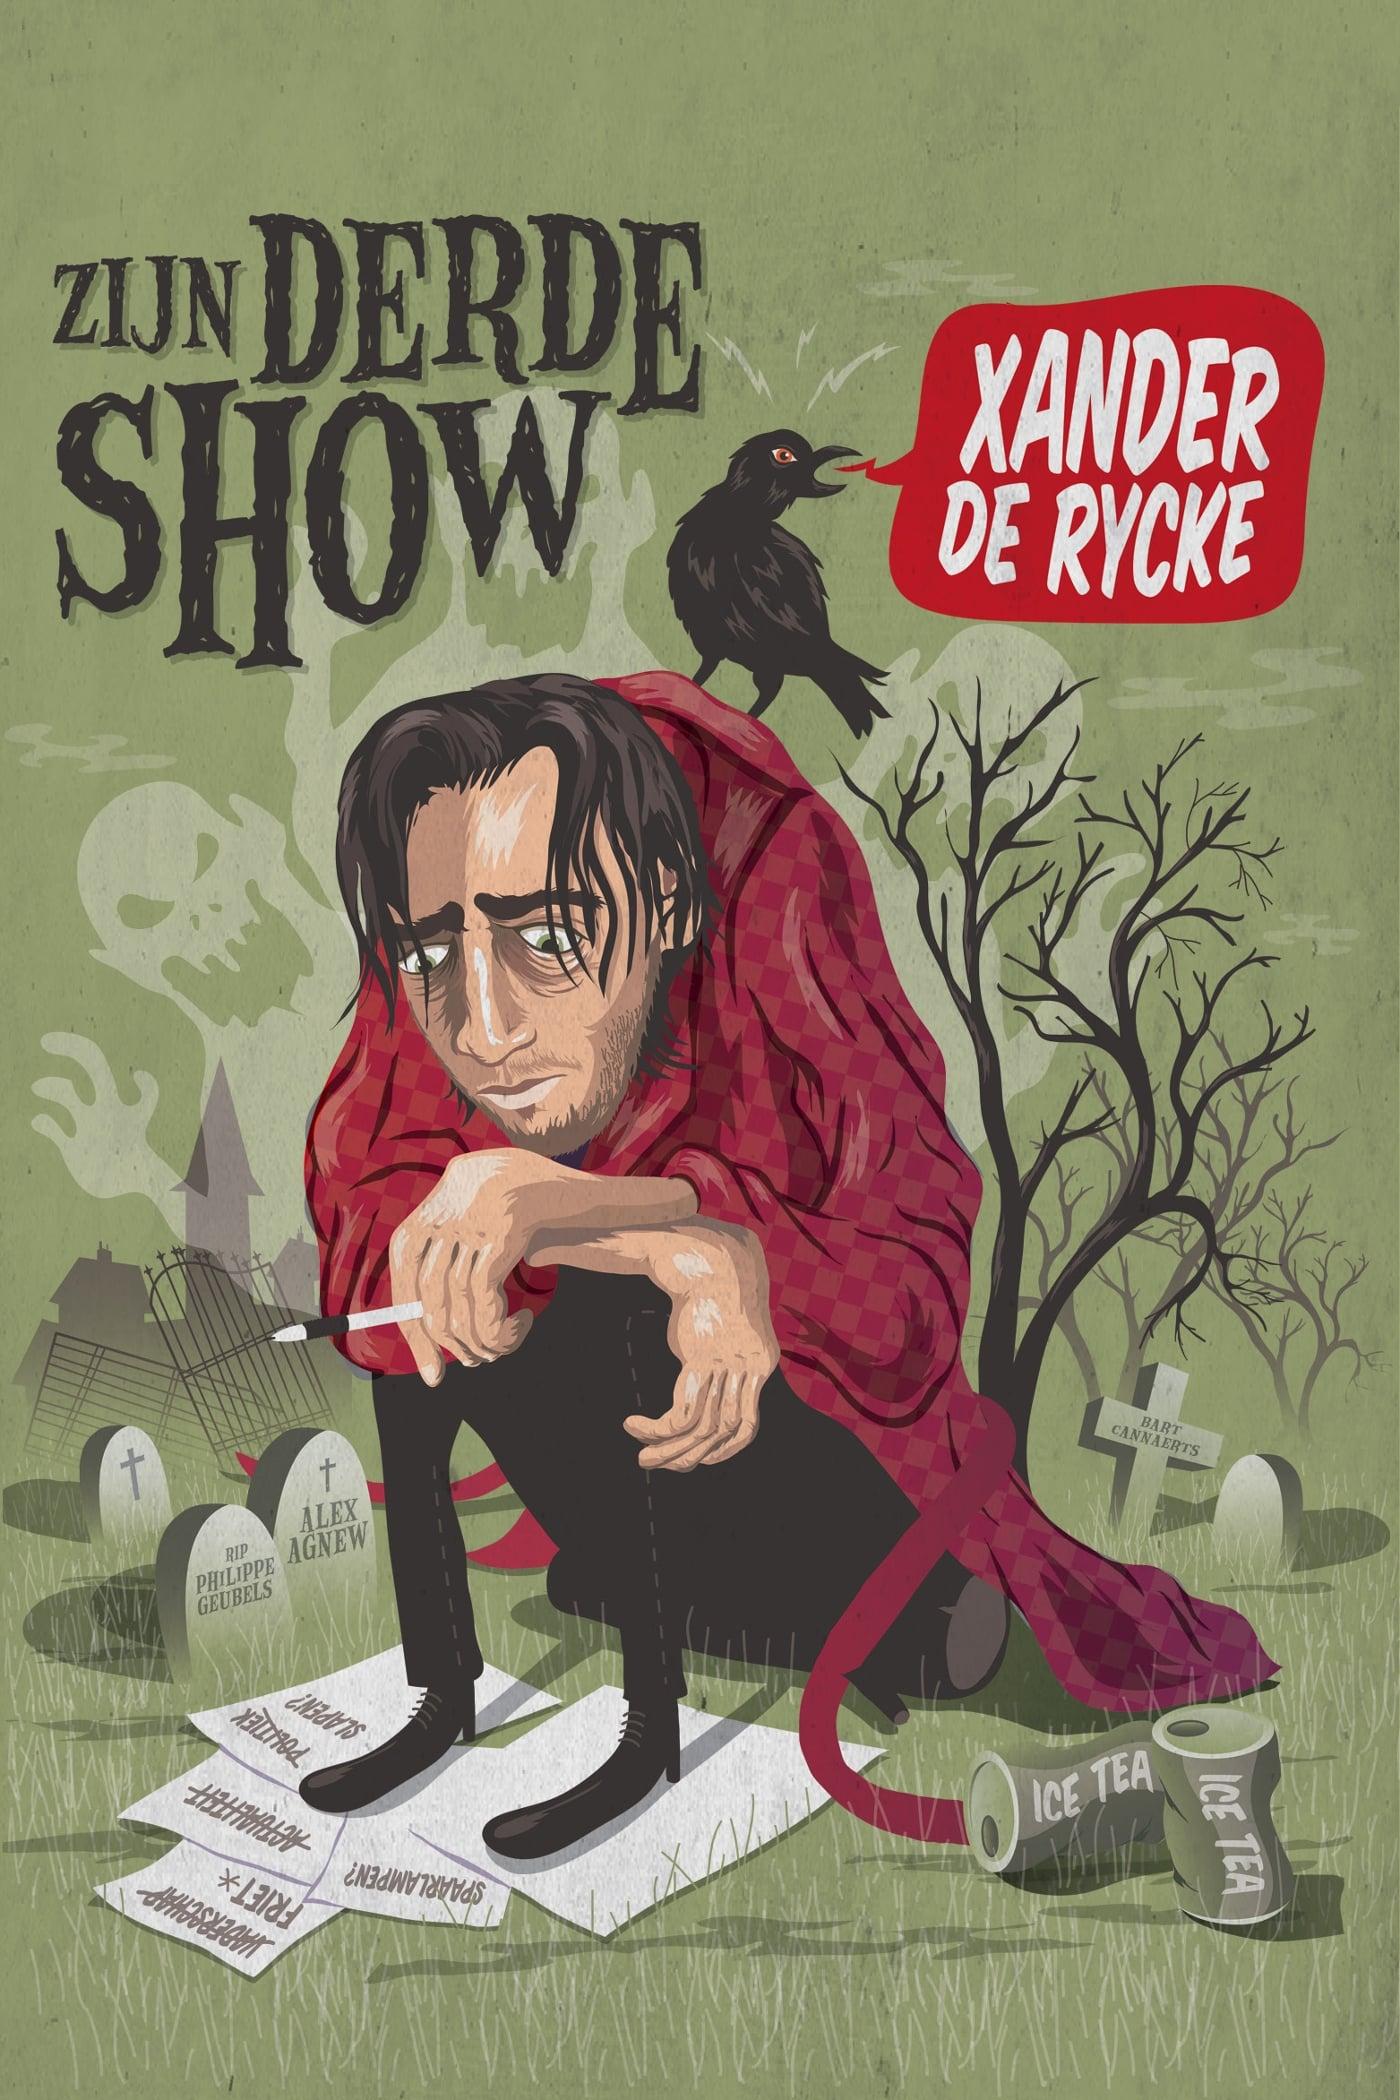 Xander De Rycke: His third show